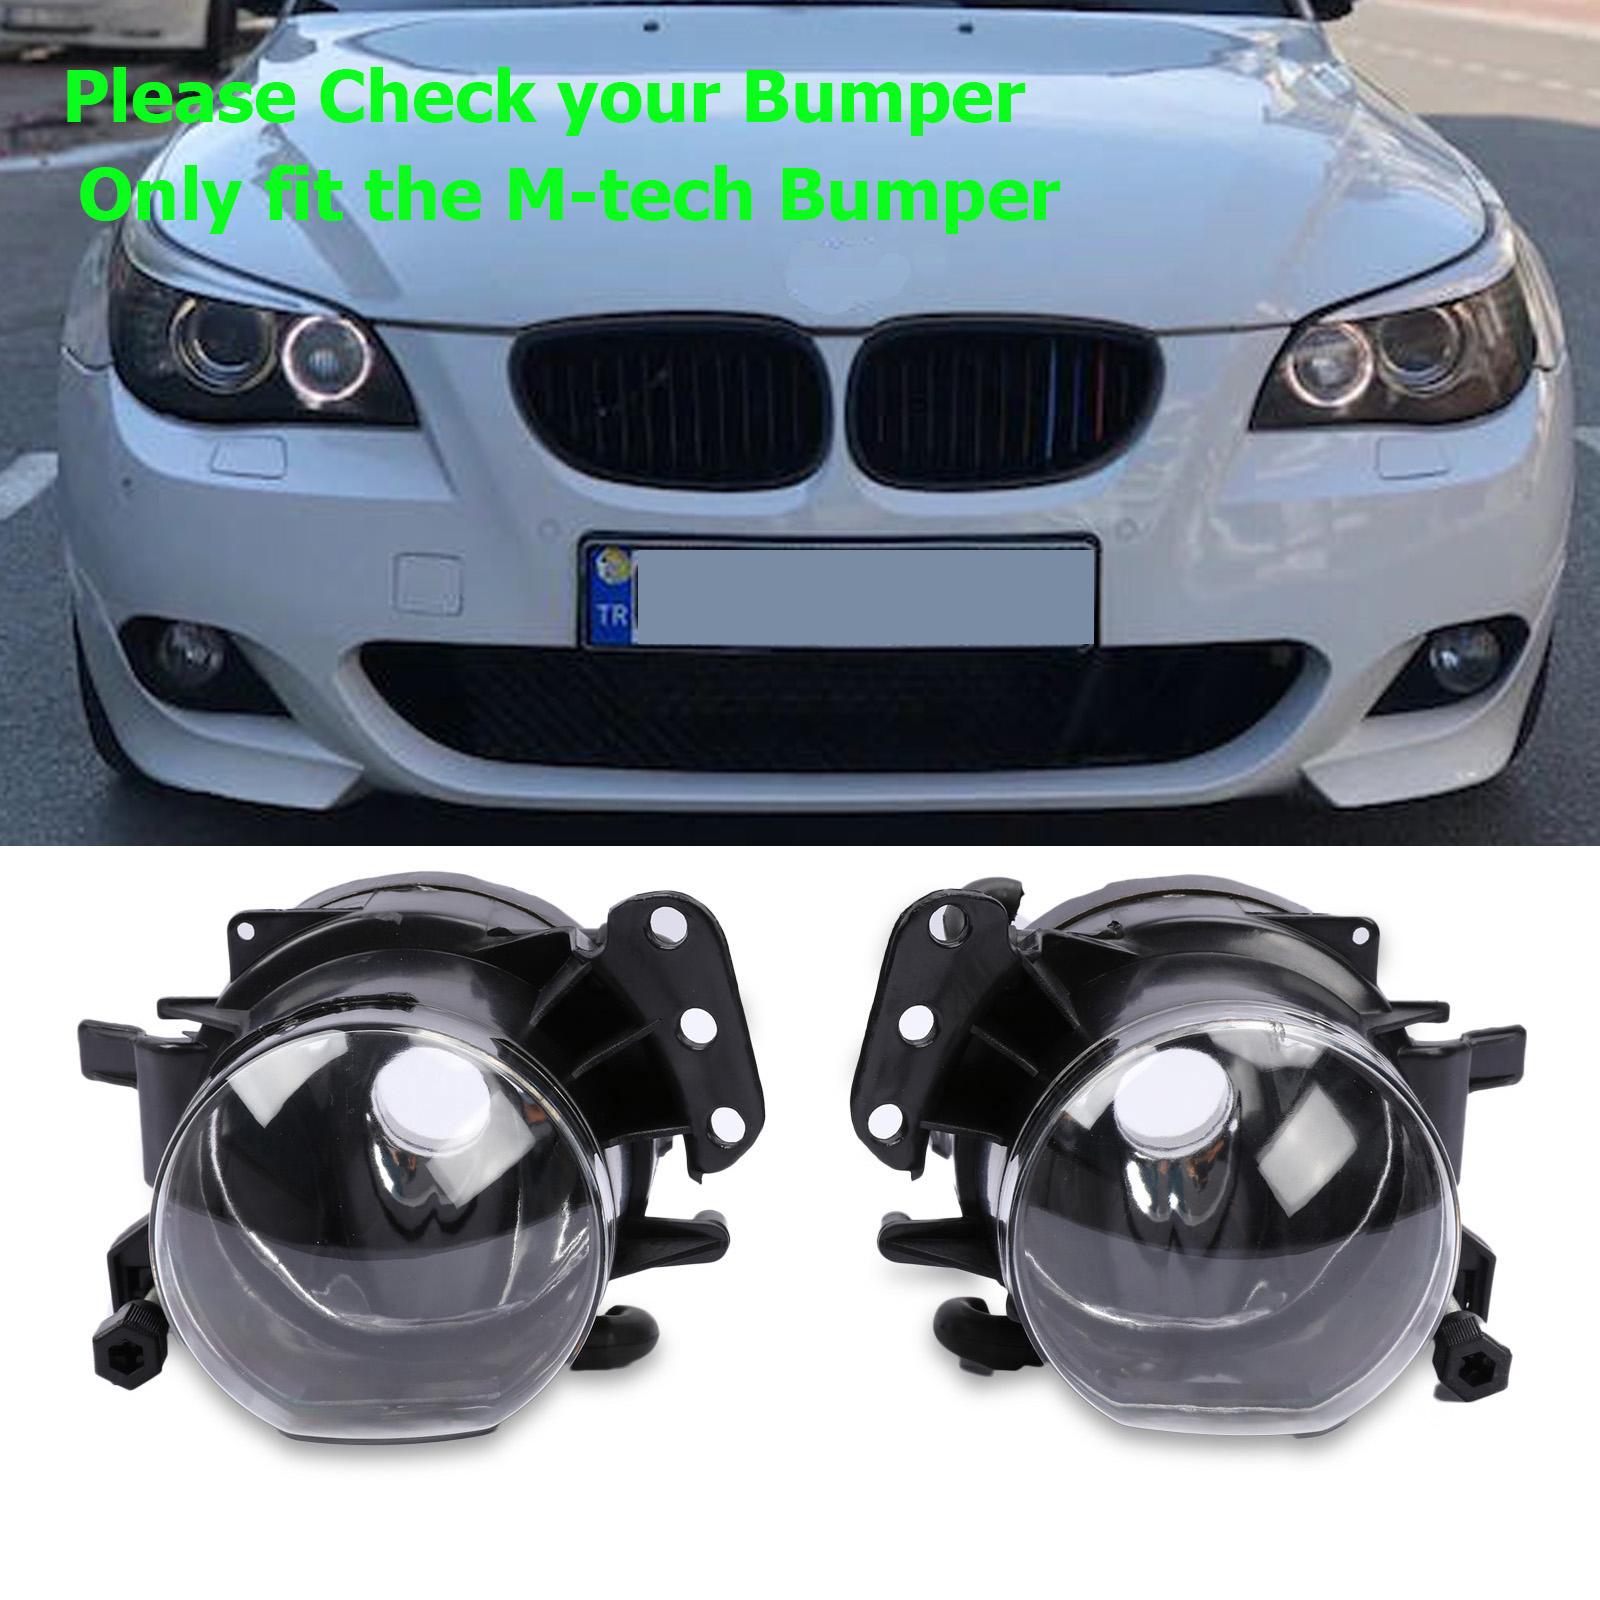 2PCs Front L+R Side Marker Lamp Fender Light For BMW E60 525i 530i 545i 550i M5